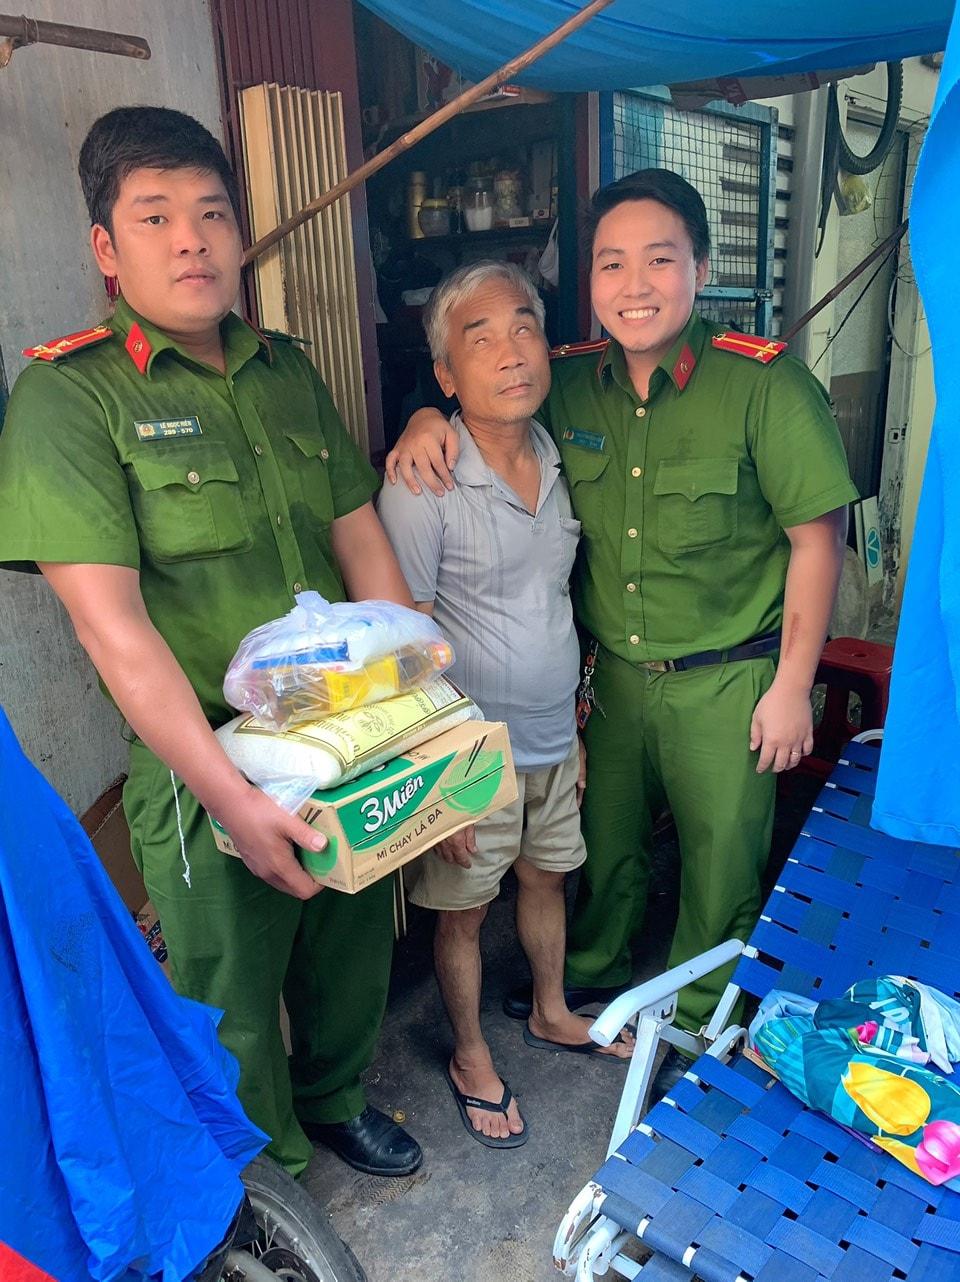 P1 - Chi đoàn công an trao tặng quà đến hộ dân khó khăn